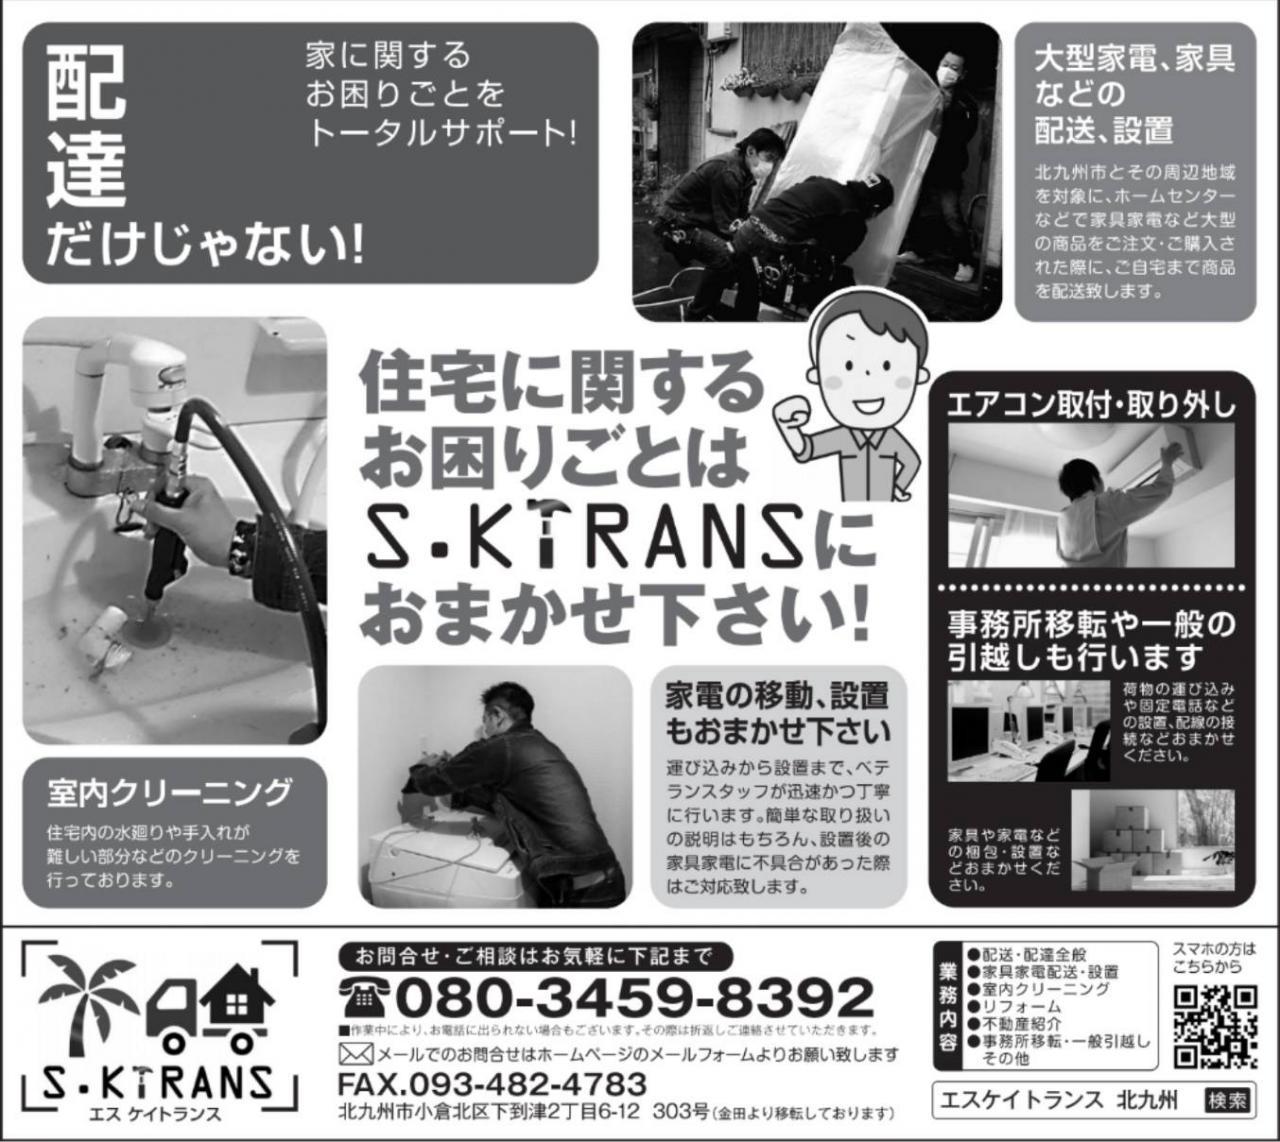 image_6487327